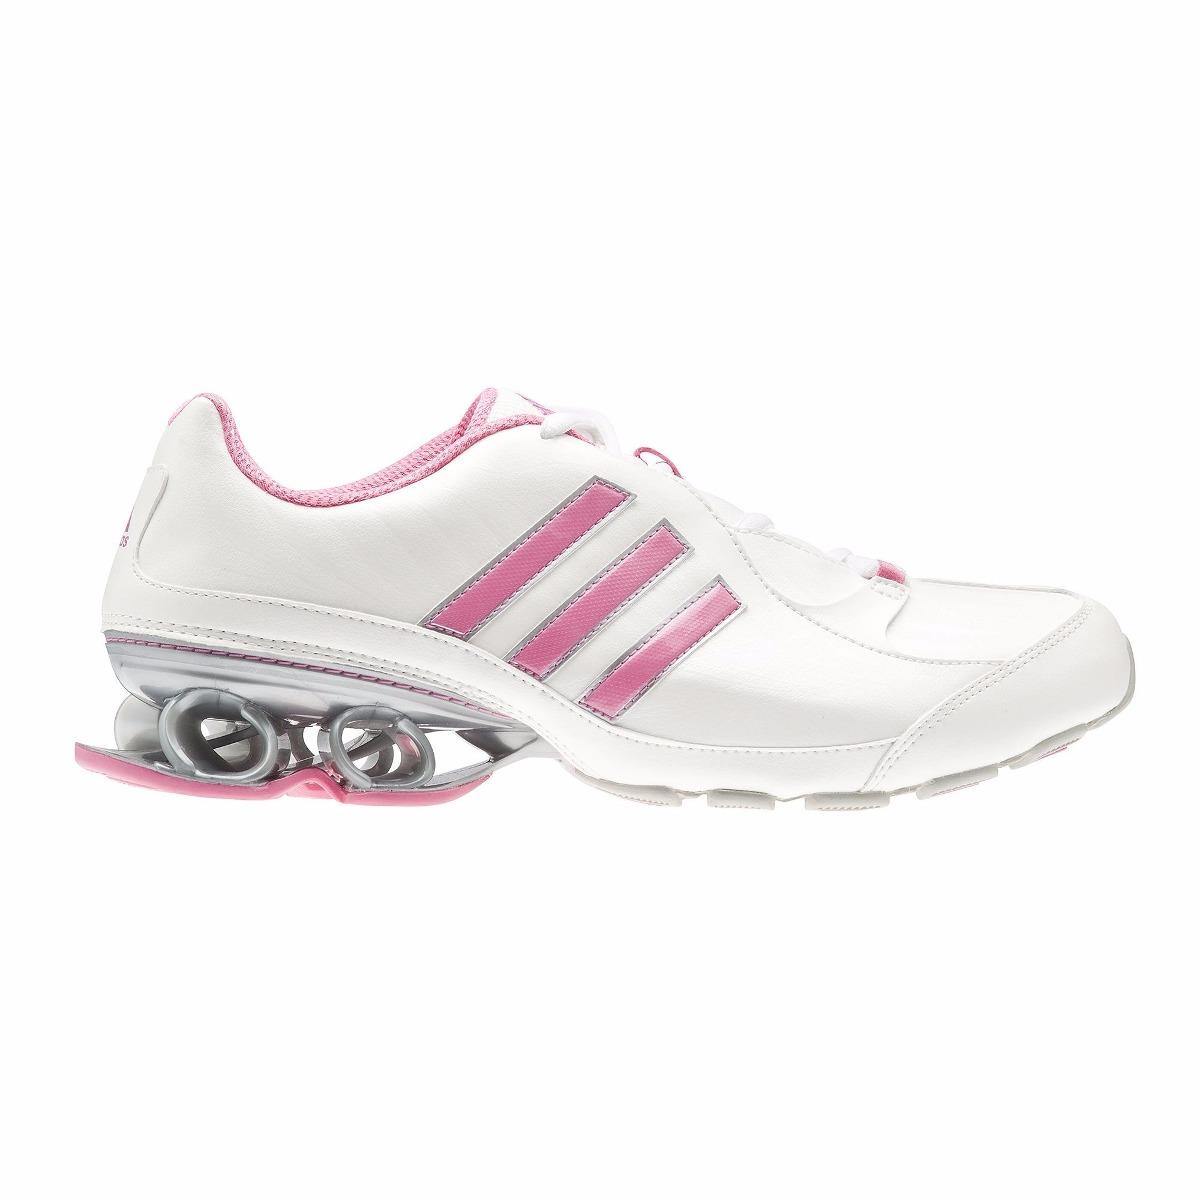 hot sale online fbcdf efc60 zapatillas adidas bounce kalima 2, originales, nuevas!!! Cargando zoom.